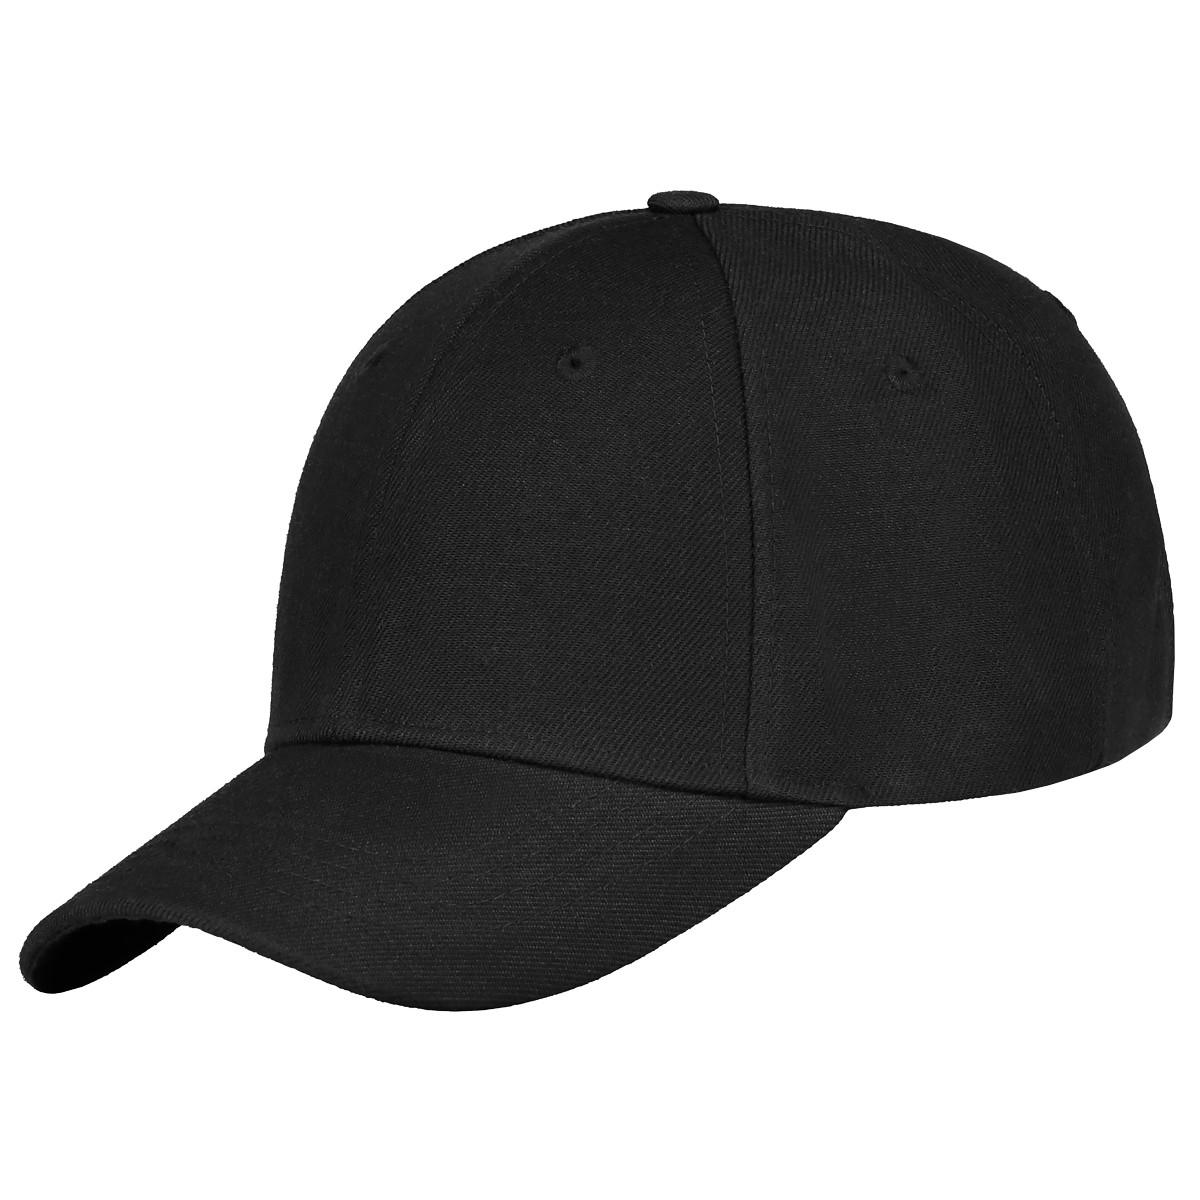 Medium Profile Cap